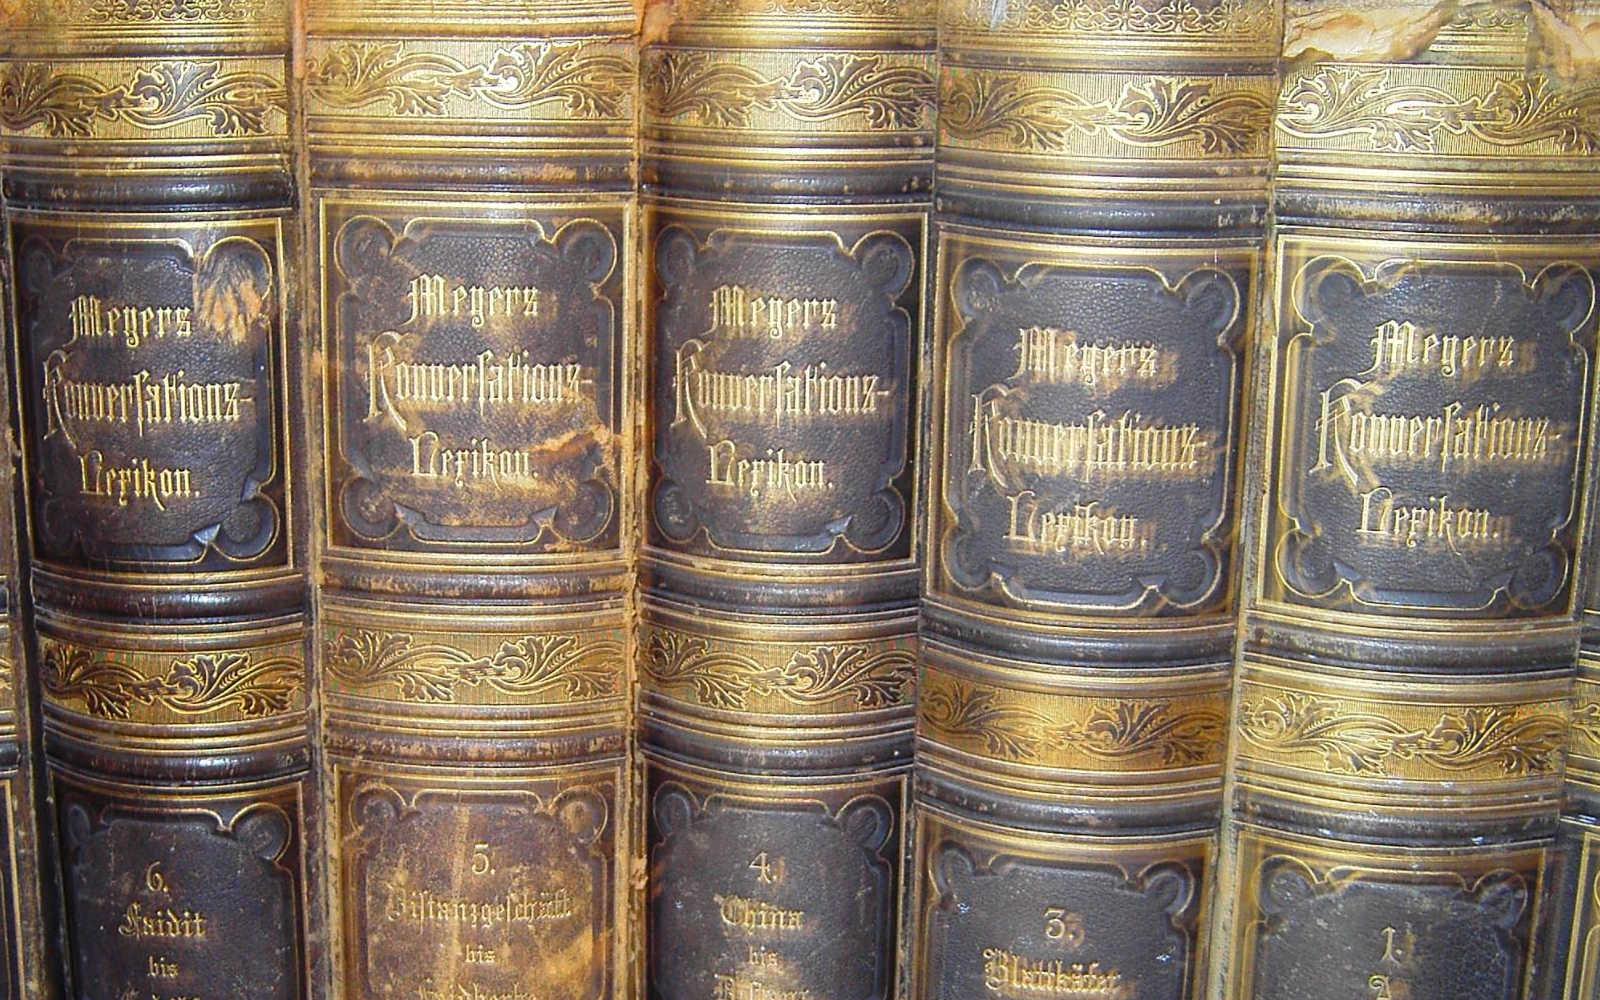 Genealogie-Lexikon